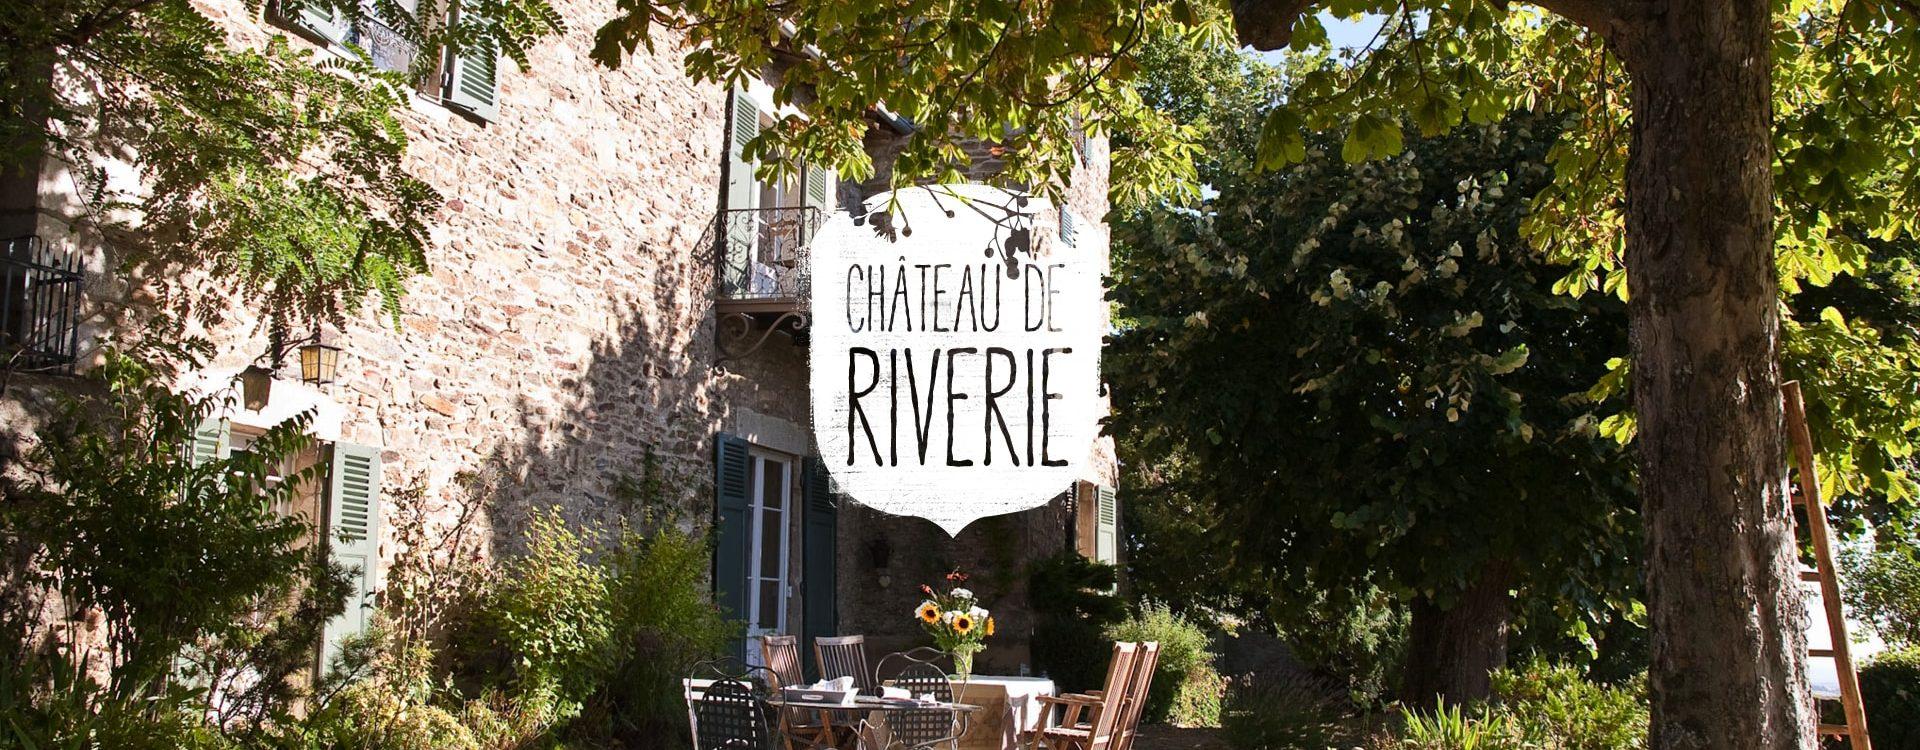 Château de Riverie – Une pause nature dans les Monts du Lyonnais